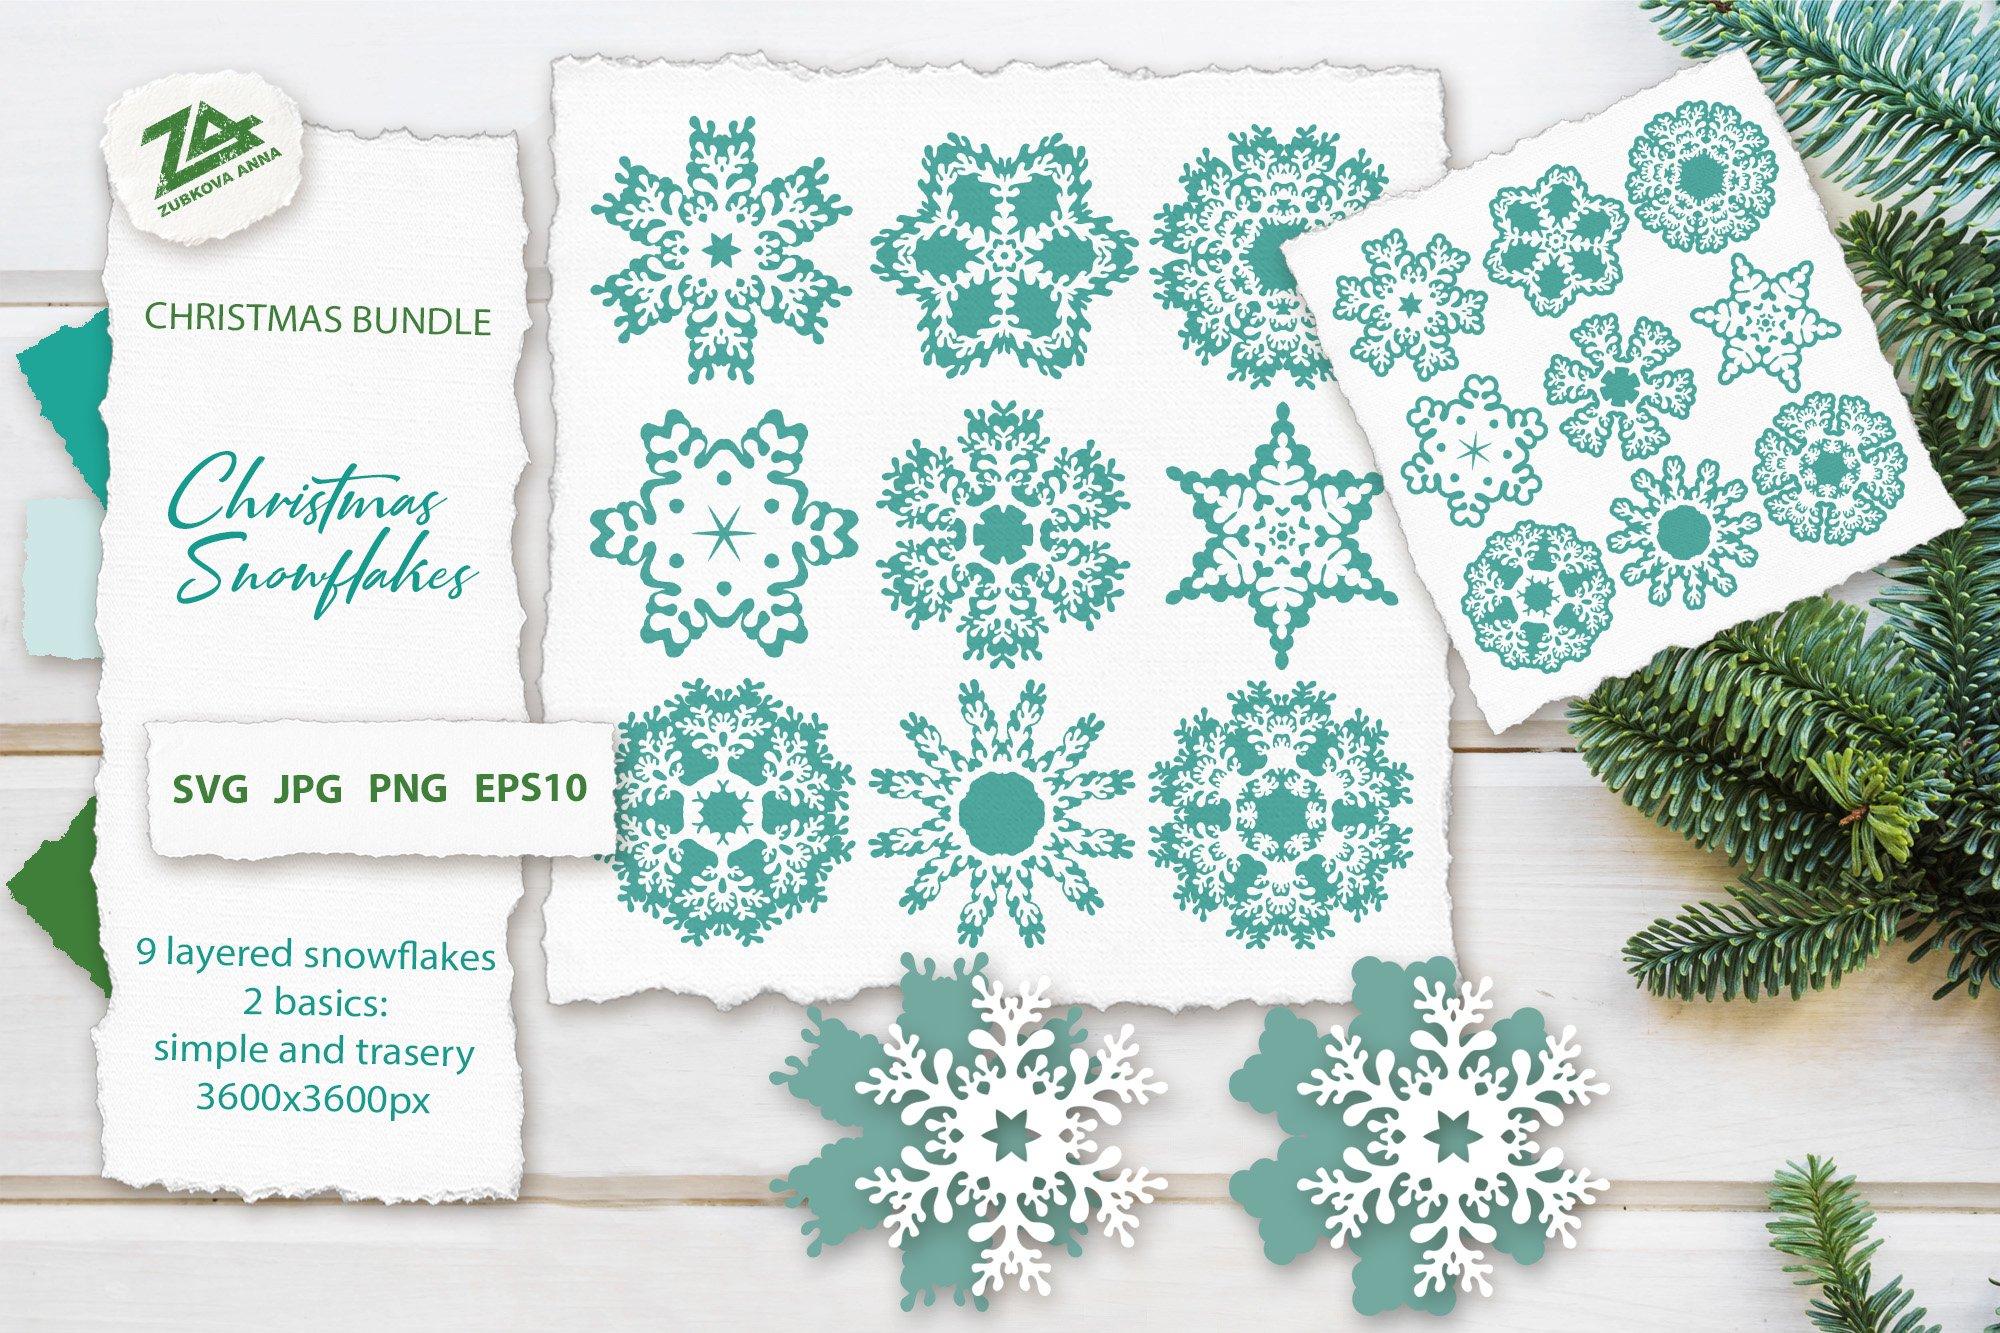 Christmas Snowflakes Svg Cut Files Bundle 1086972 Cut Files Design Bundles